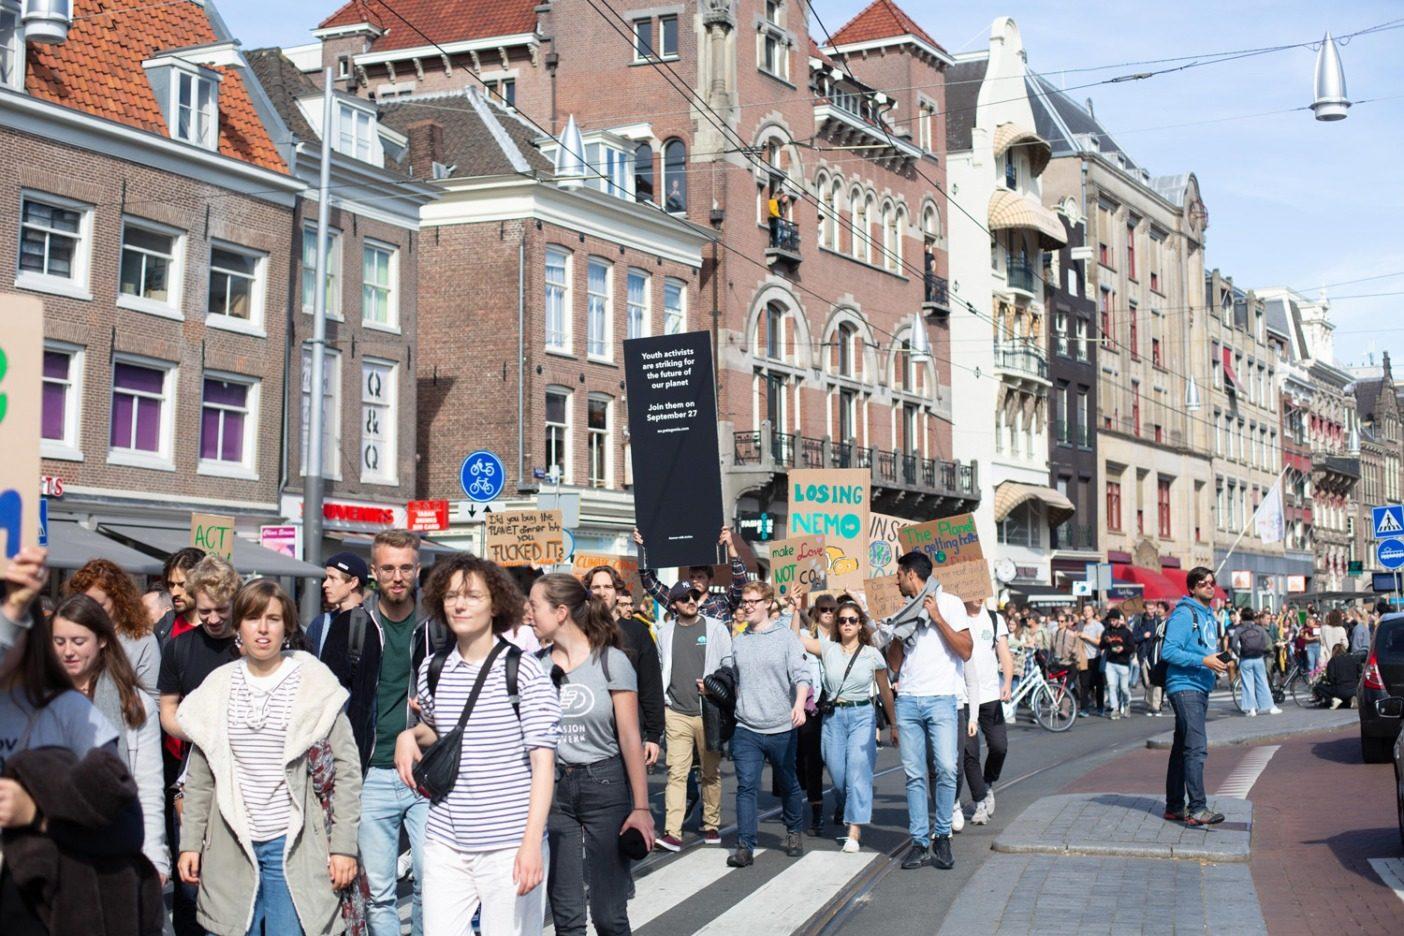 4万人以上が参加したオランダの気候ストライキでの群衆。気候ストライキの日の皮切りは、推定17万人(人口の3.5%)が街頭に出たニュージーランド。Photo: Courtesy of Patagonia